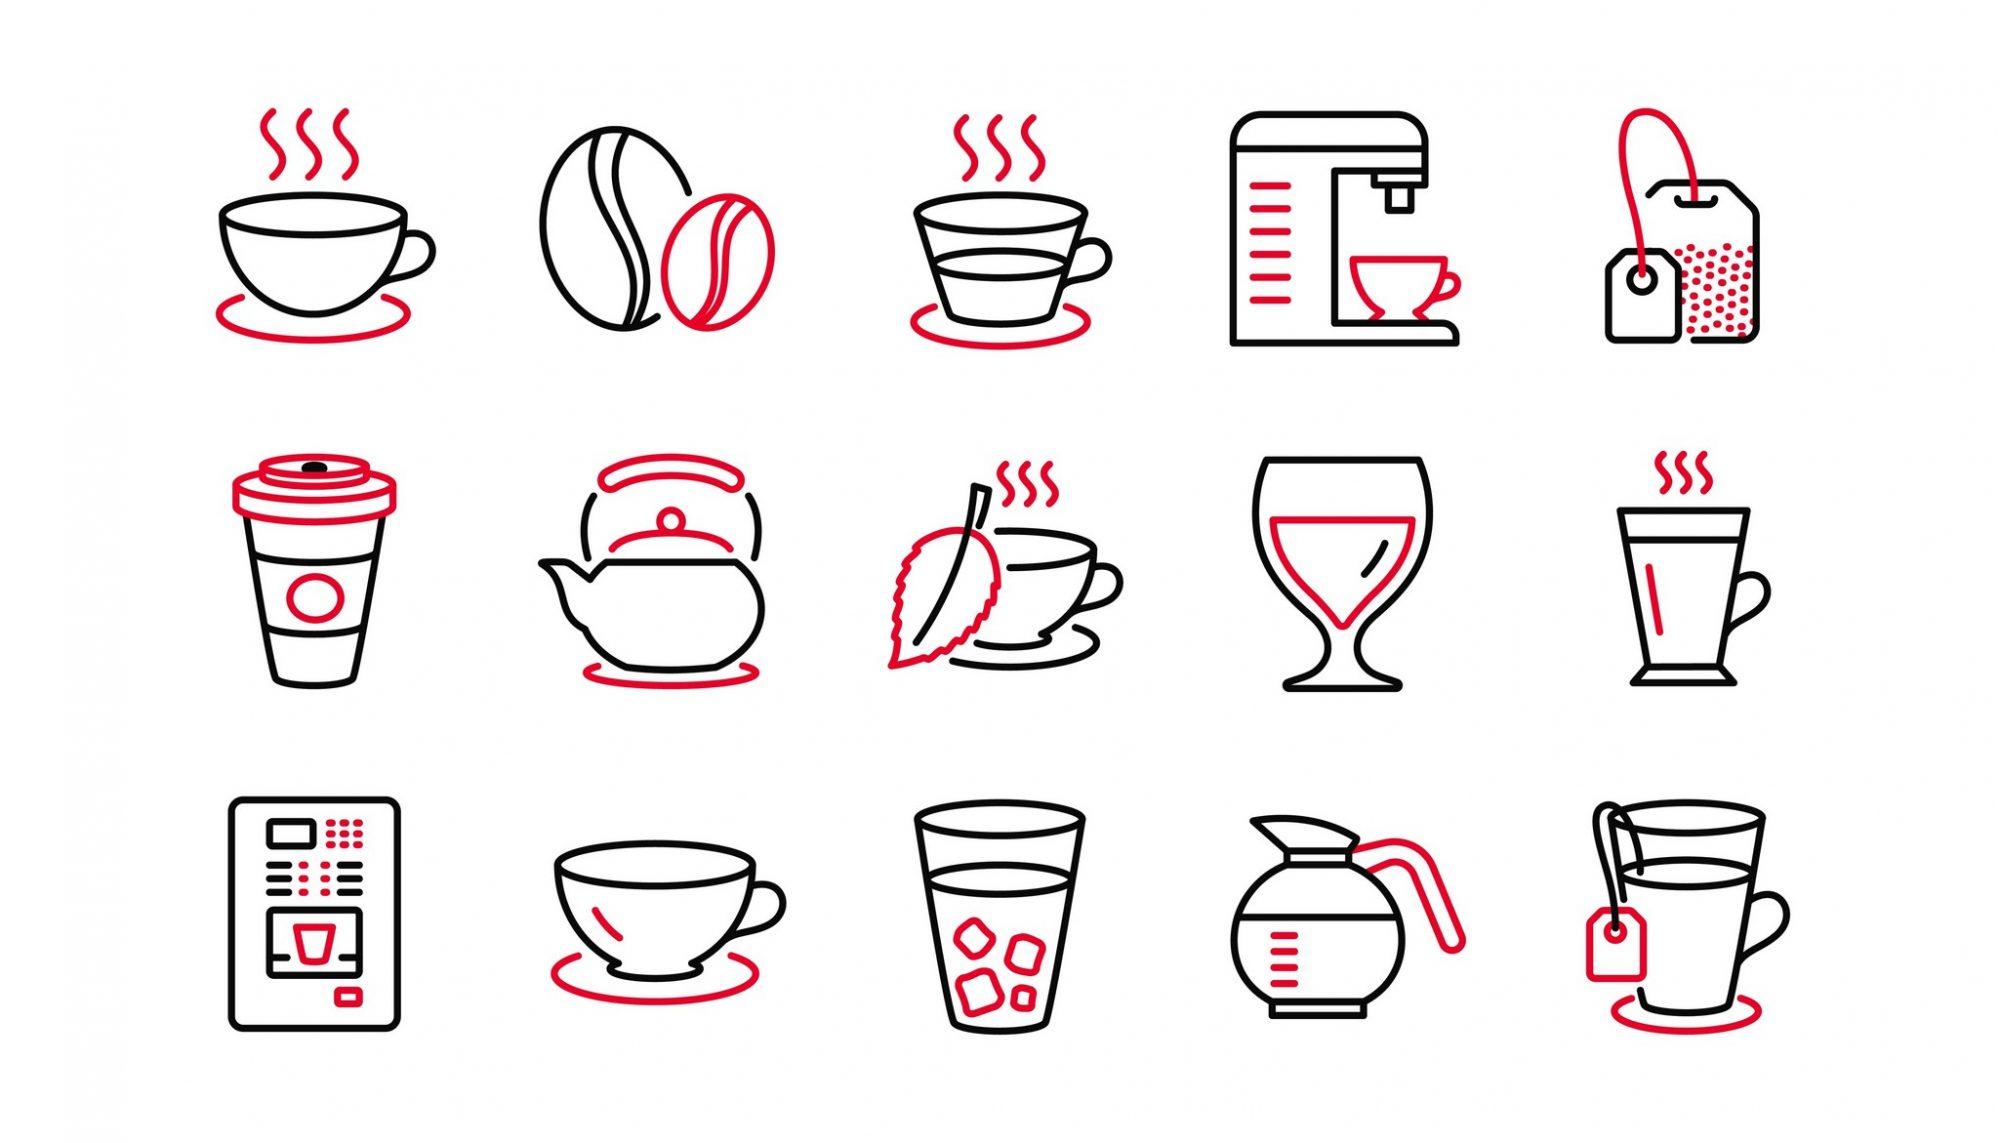 Dallas Fort Worth Micro-Market Service | Coffee Equipment | Promote Productivity